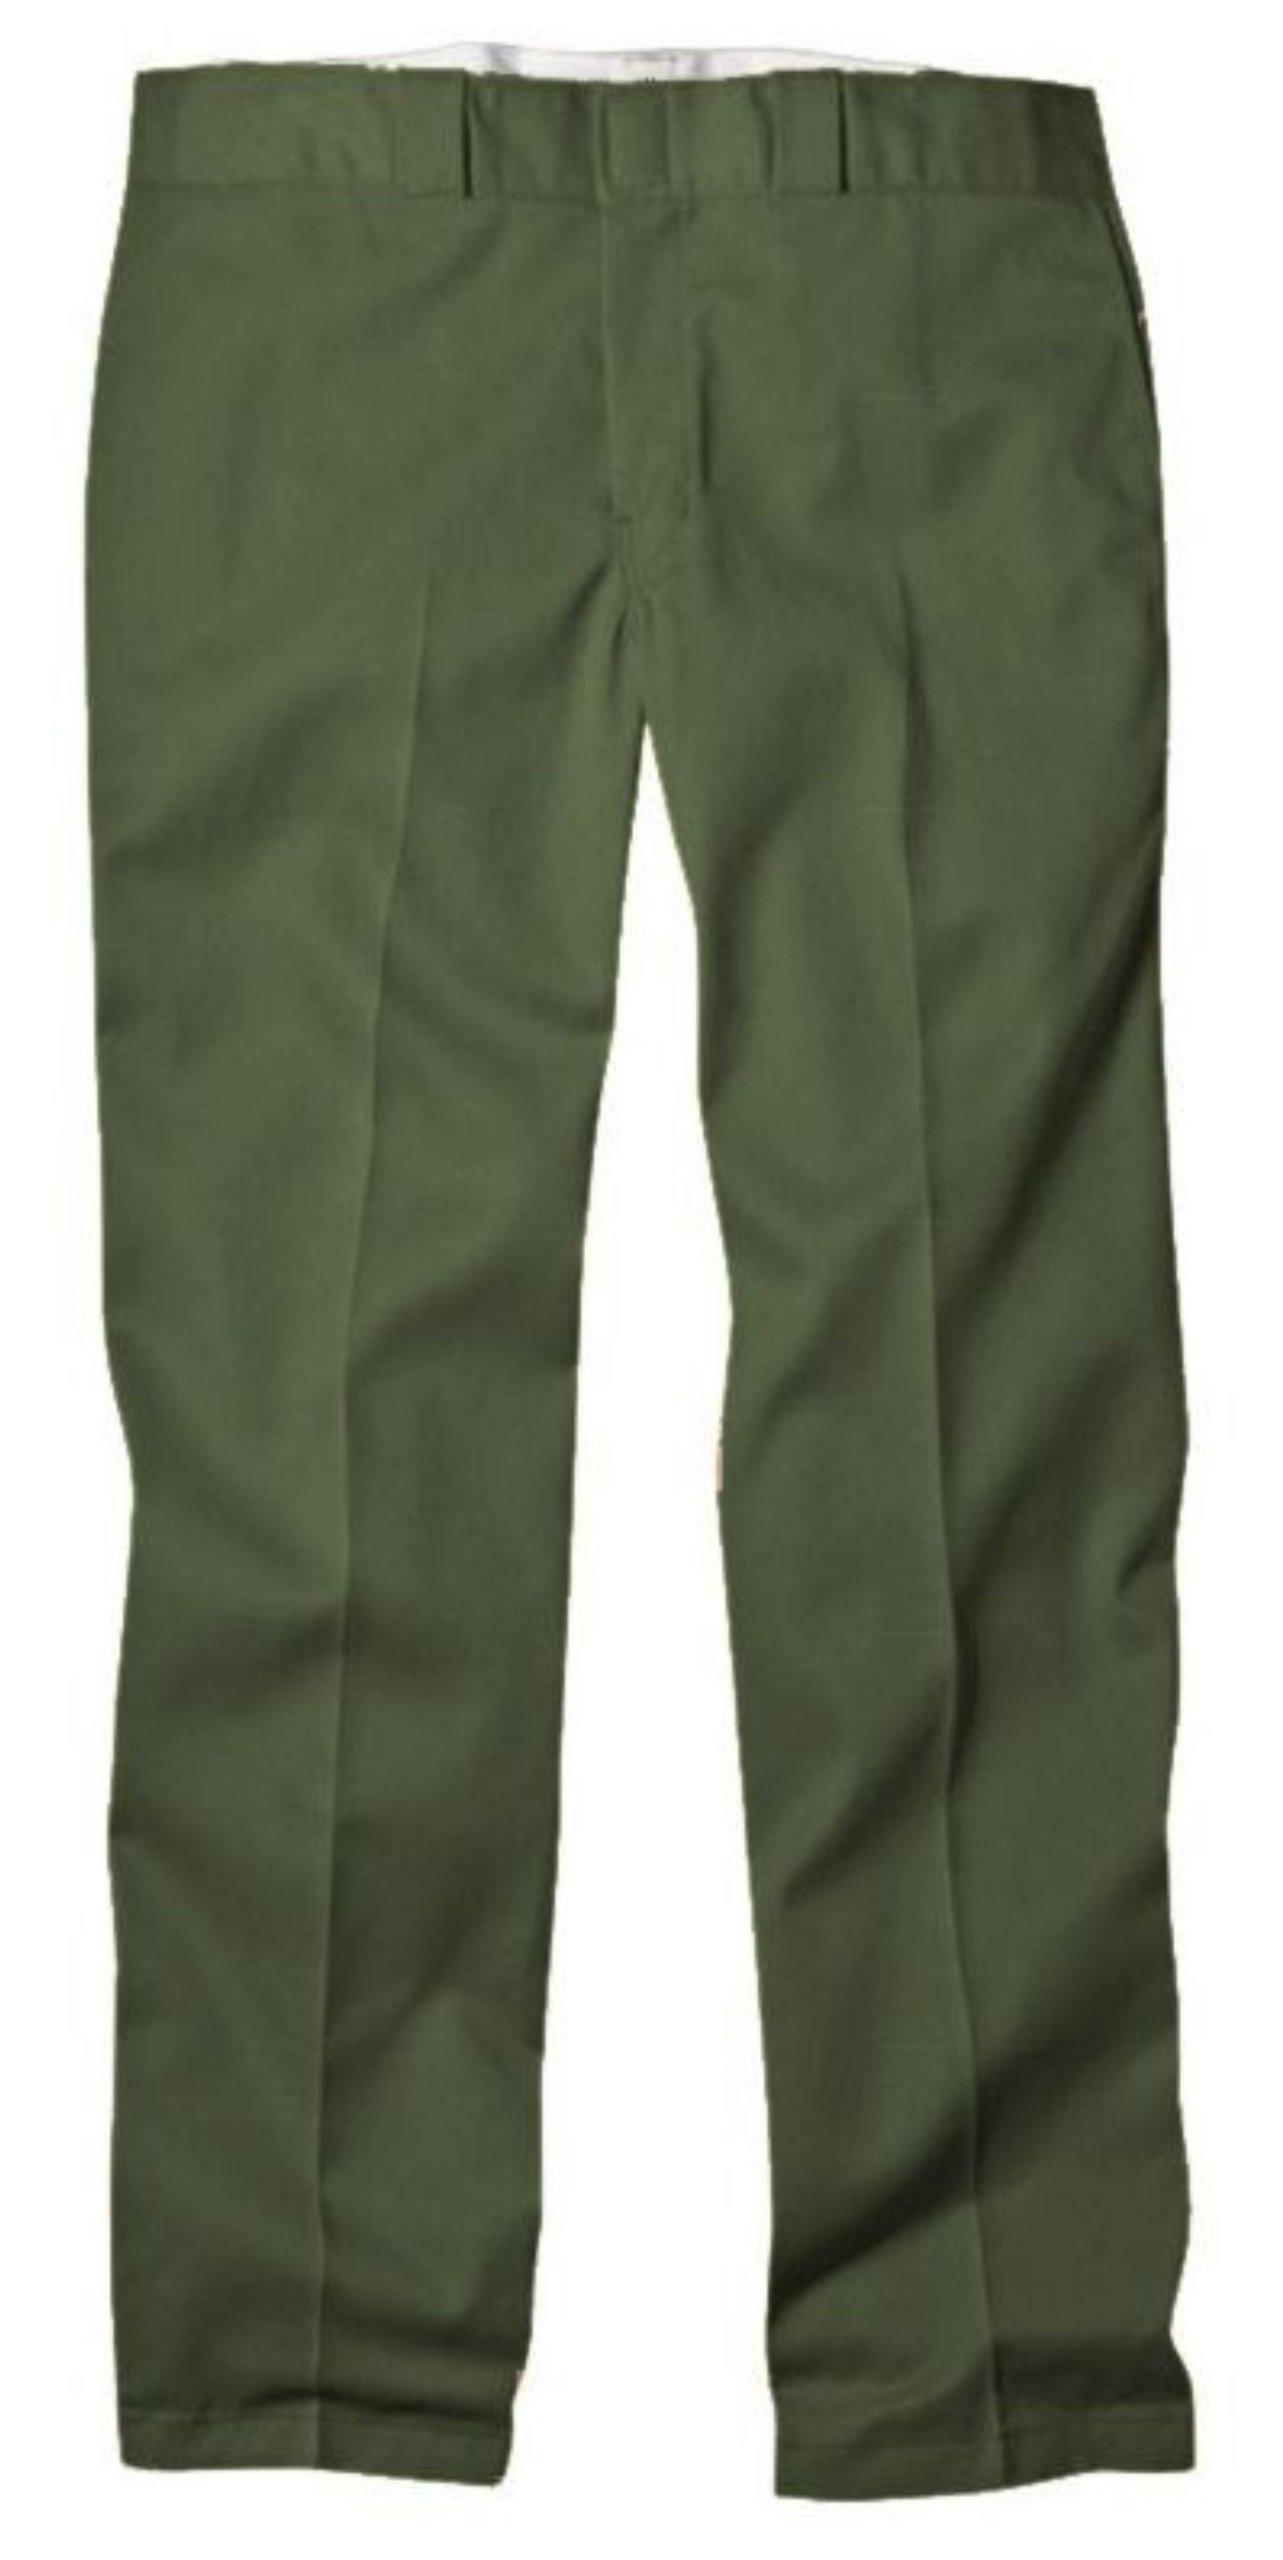 Dickies Men's Original 874 Work Pant Olive Green 31W x 30L